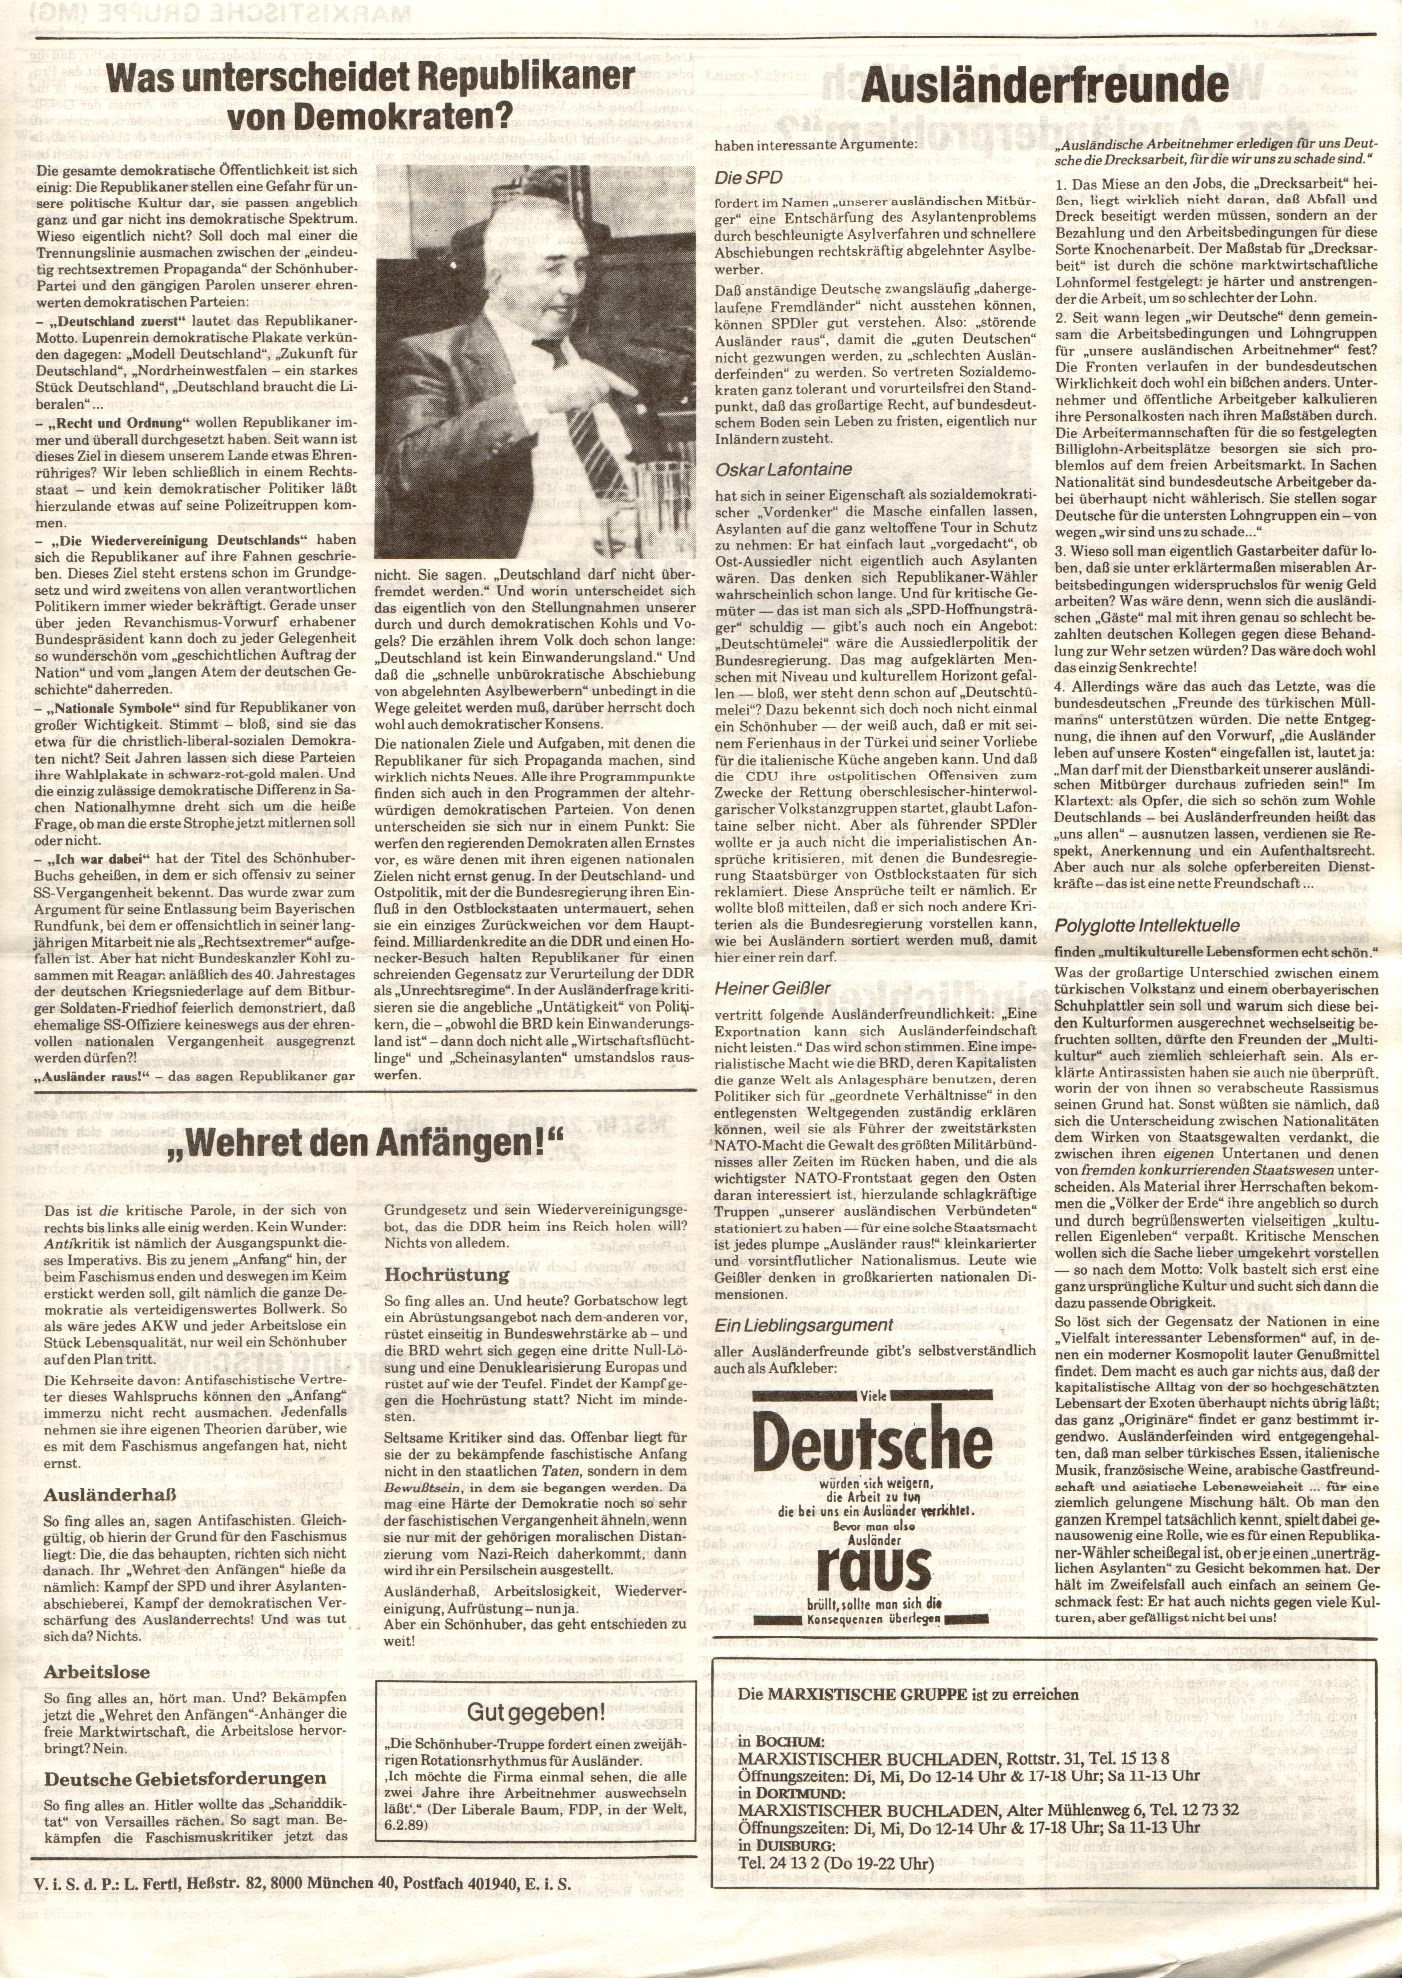 MG_Bochumer_Hochschulzeitung_19890418_04